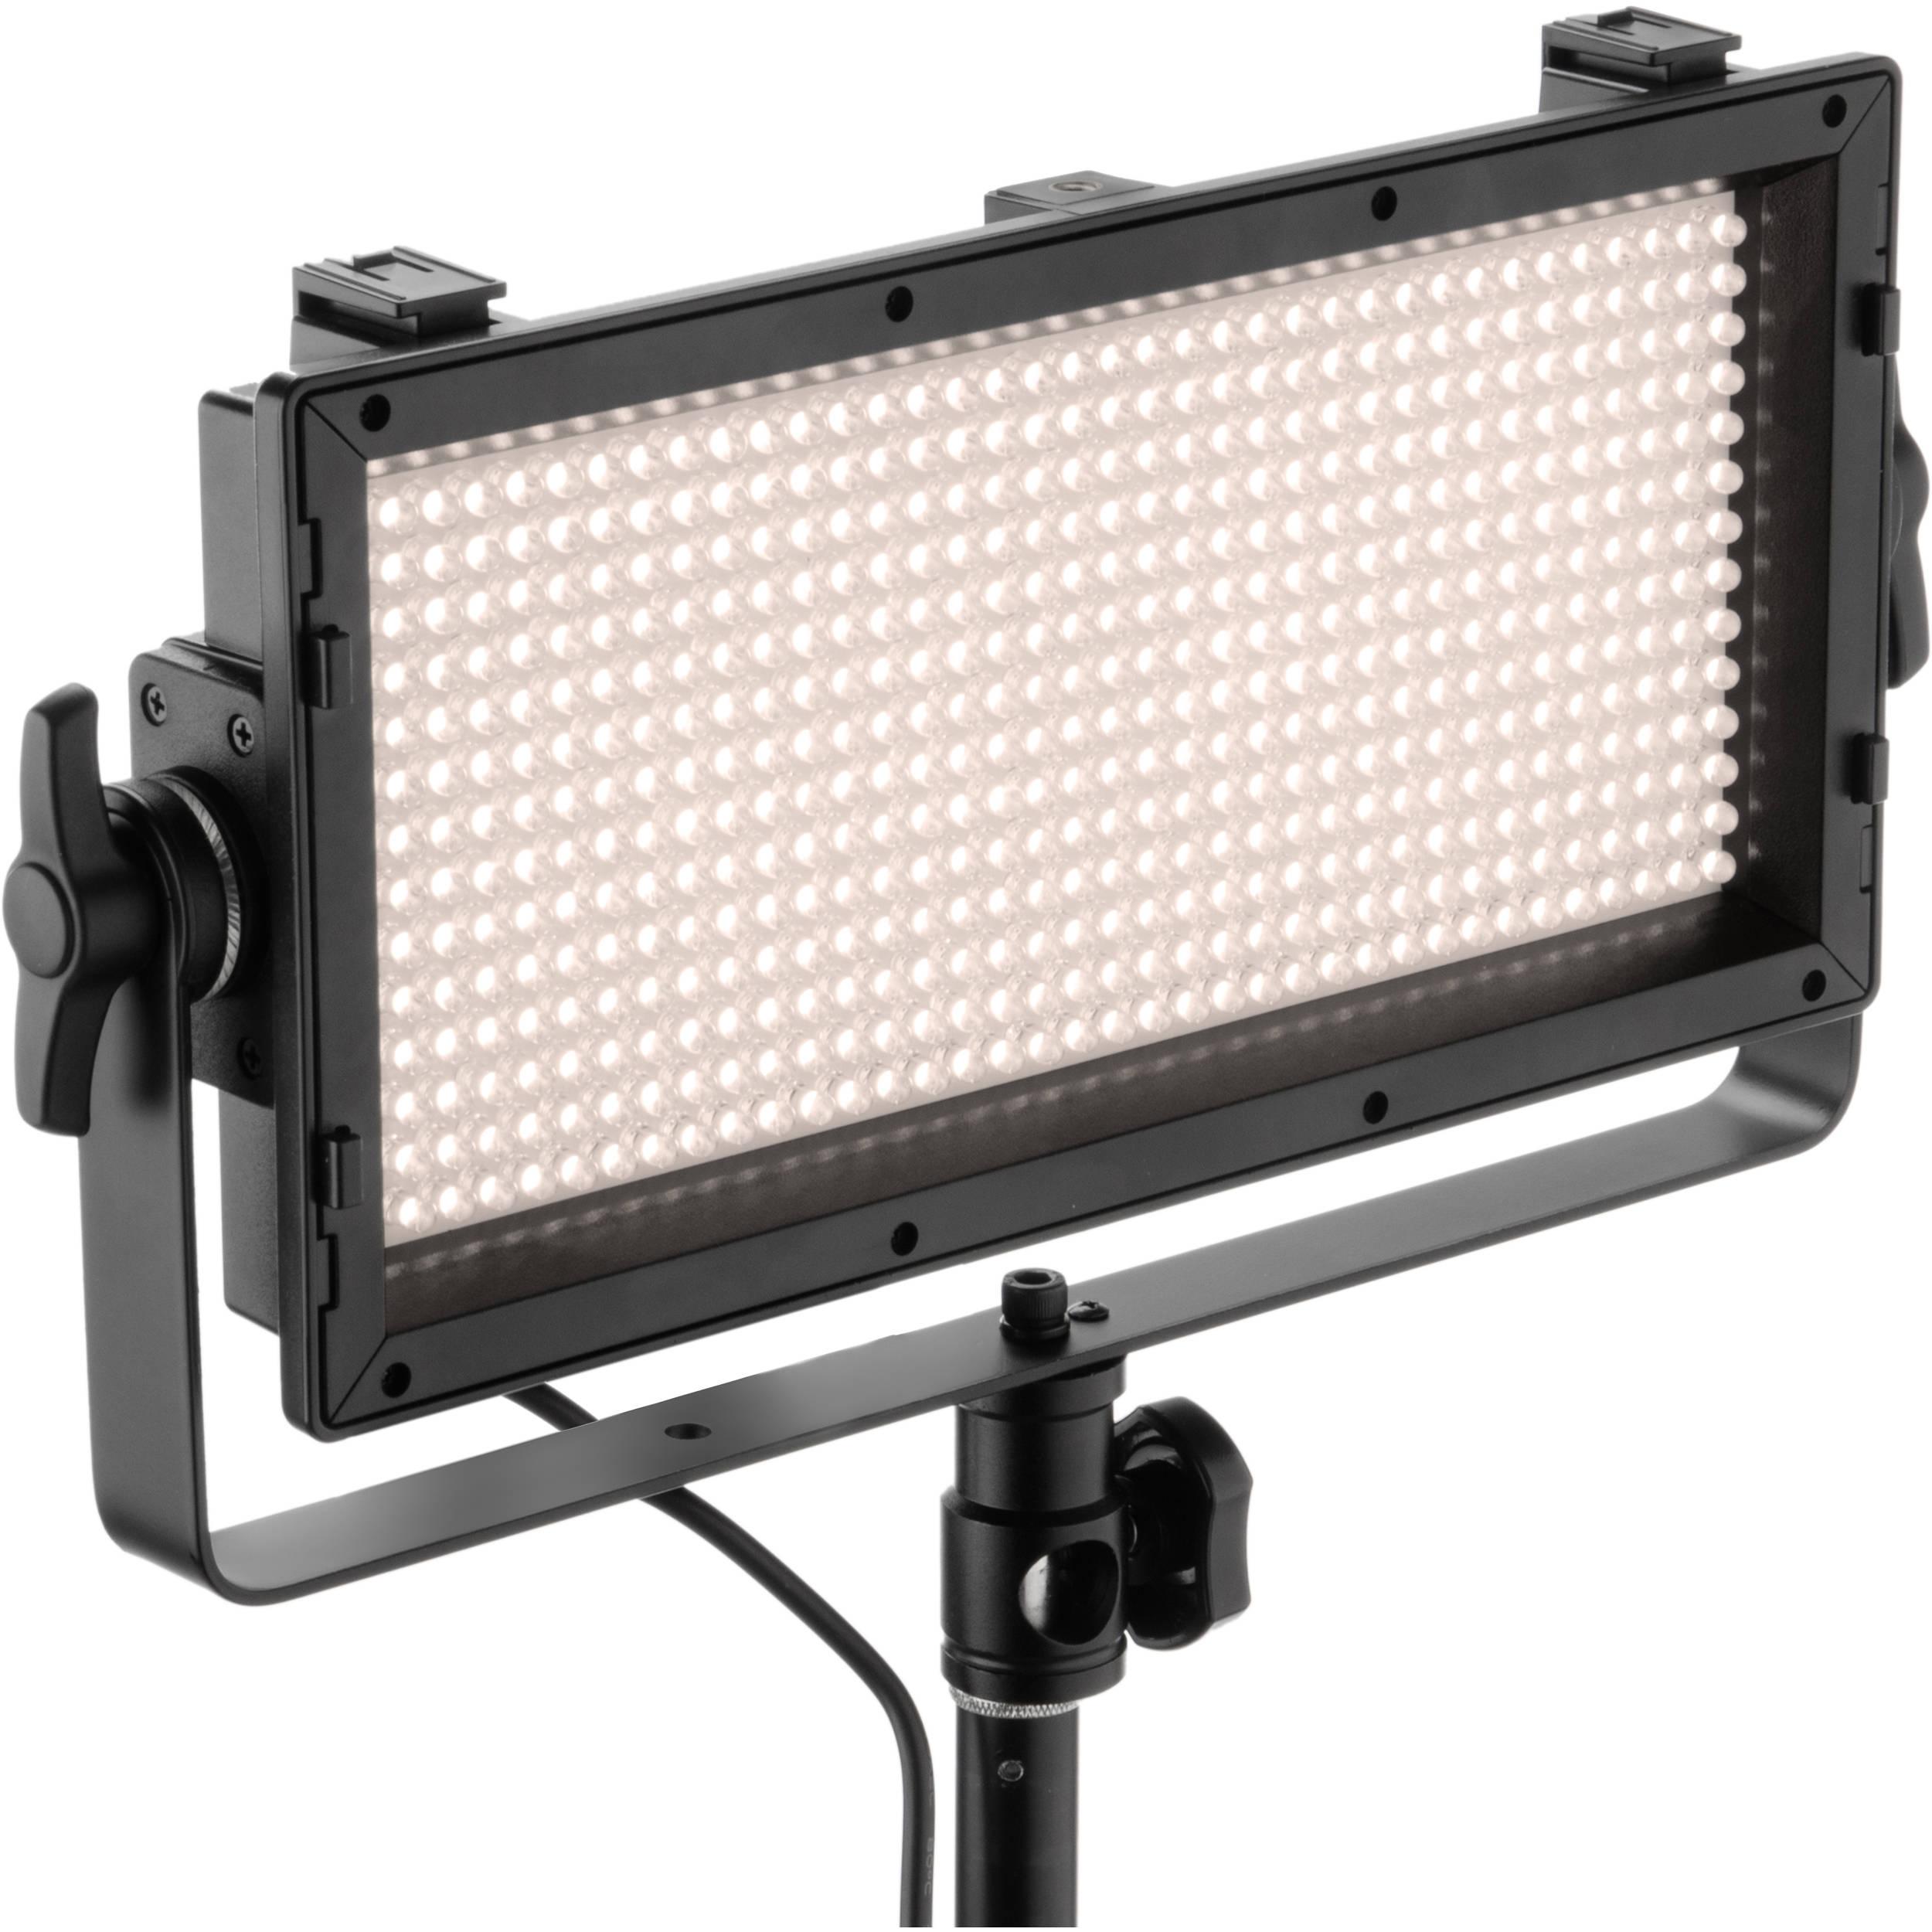 Genaray Spectroled Essential 500 Bi Color Led Light